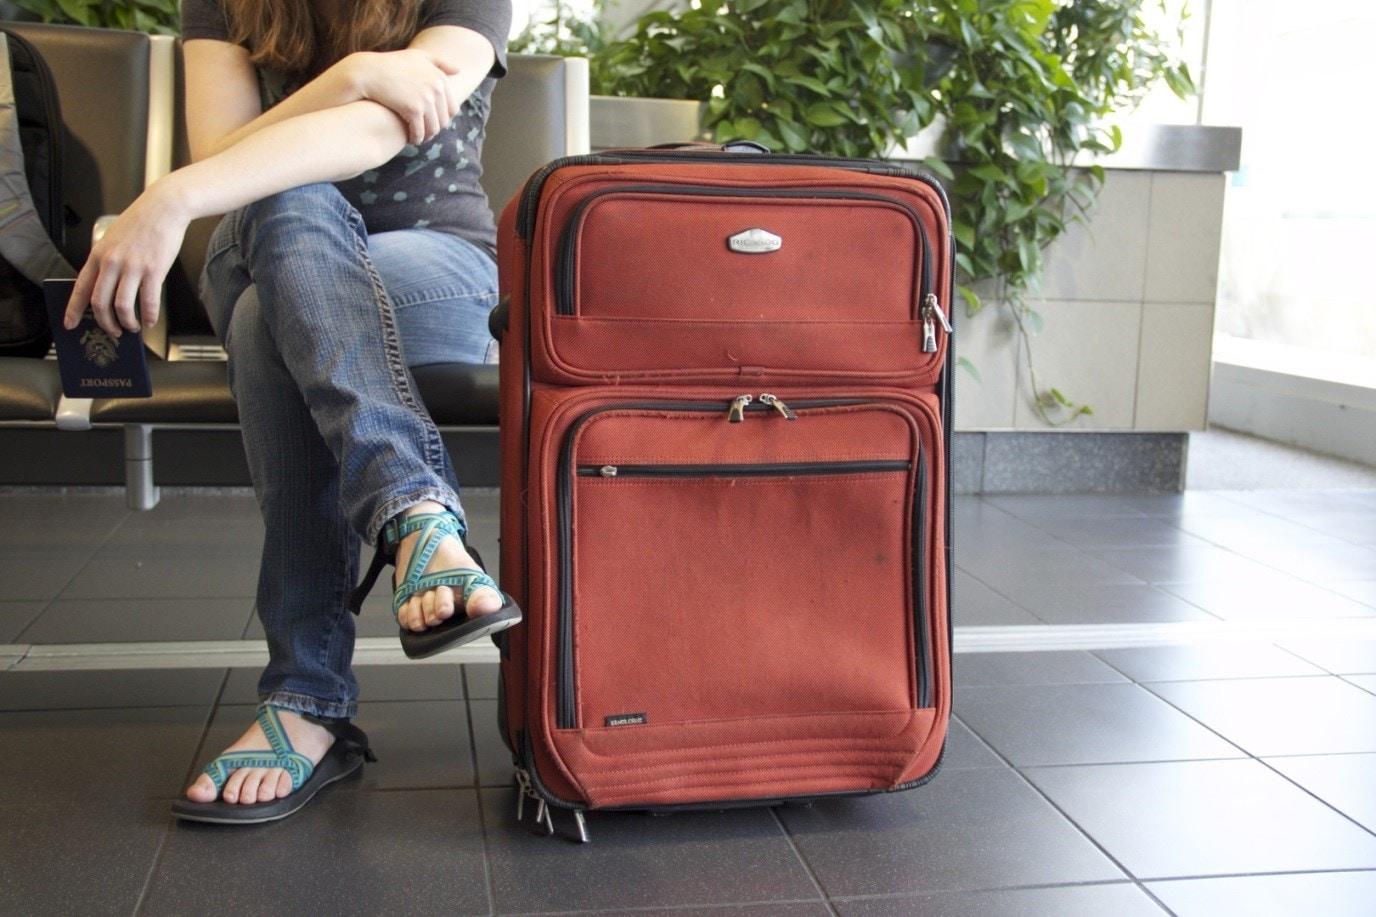 Πού θα πάνε οι βαλίτσες;